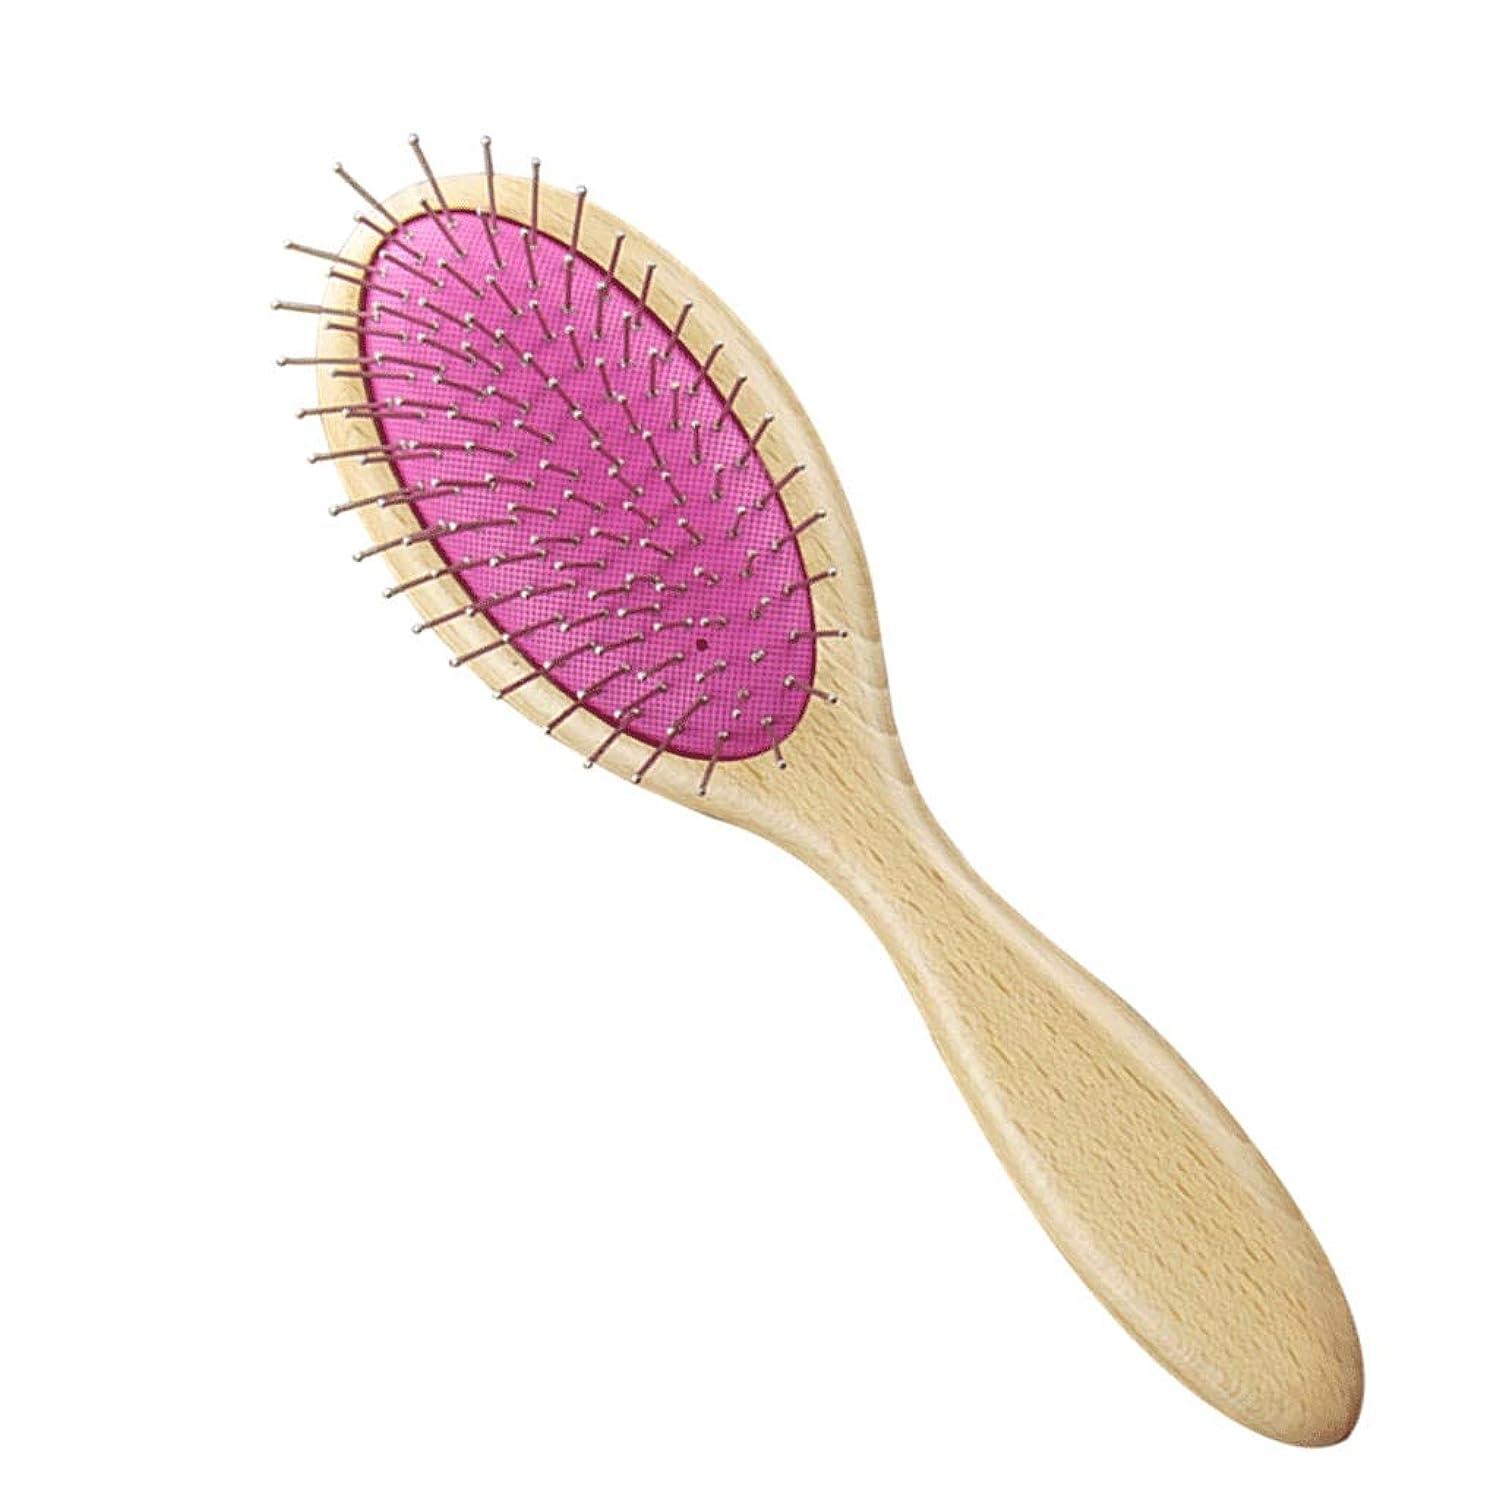 許される表現肥料くし児童エアバッグエアクッションコームマッサージヘッドメリディアンコームヘアコームヘアコームくしホームビッグくし (Color : Wood color)